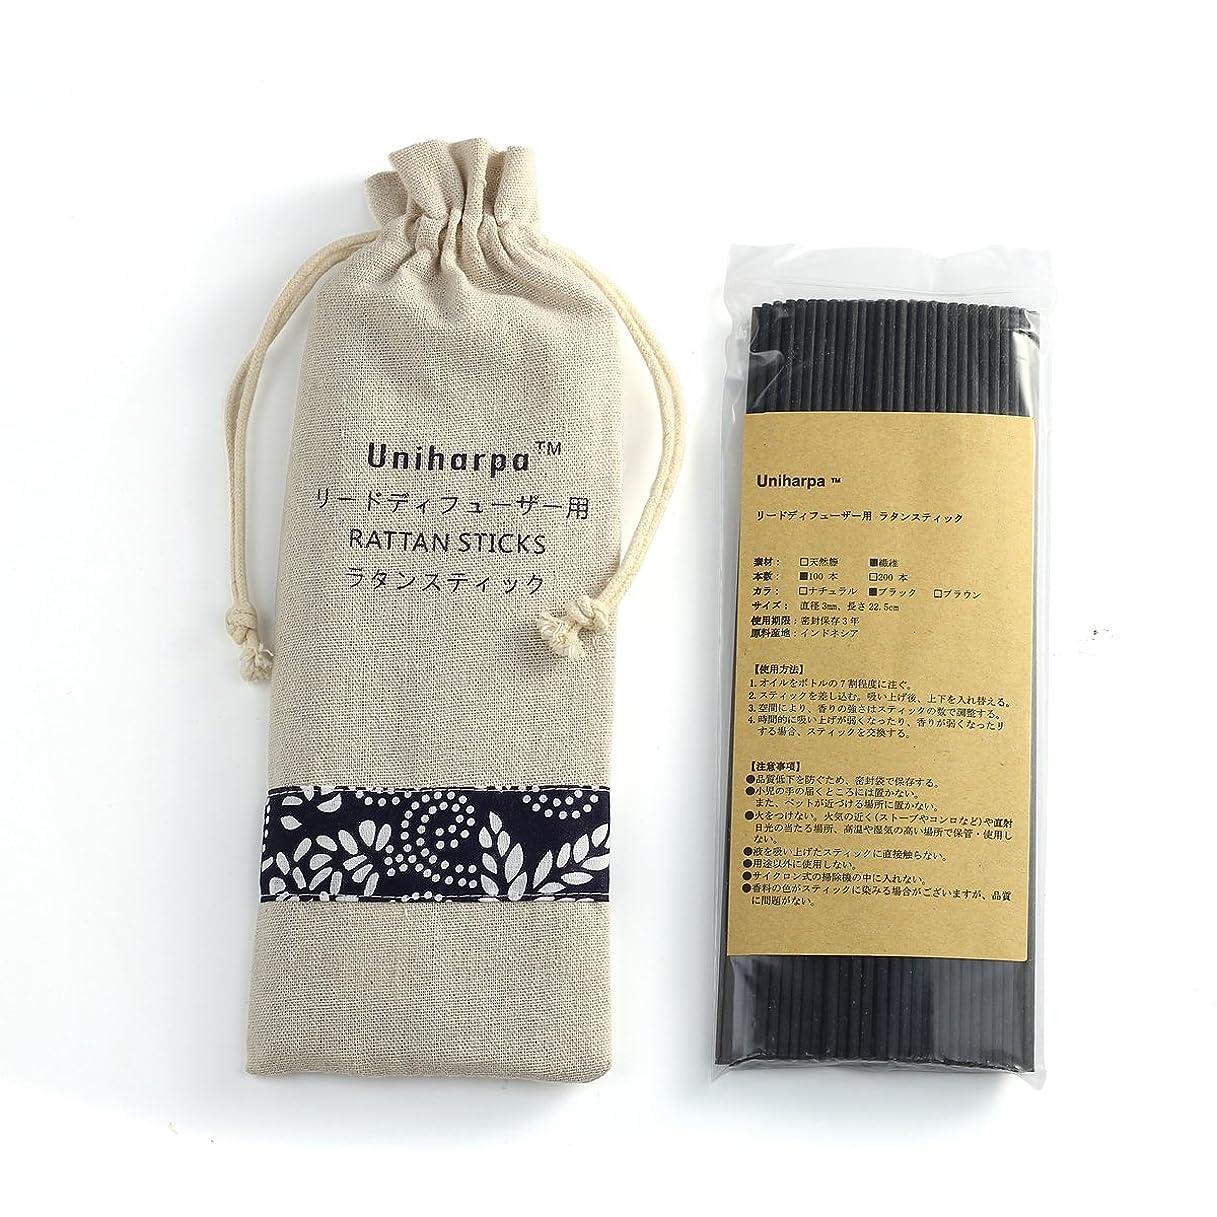 クラブ提案把握リードディフューザー用 ラタンスティック/リードスティック リフィル 繊維素材 22.5cm 直径3mm 100本入 乾燥剤入り オリジナル旅行専用袋付 (ブラック)